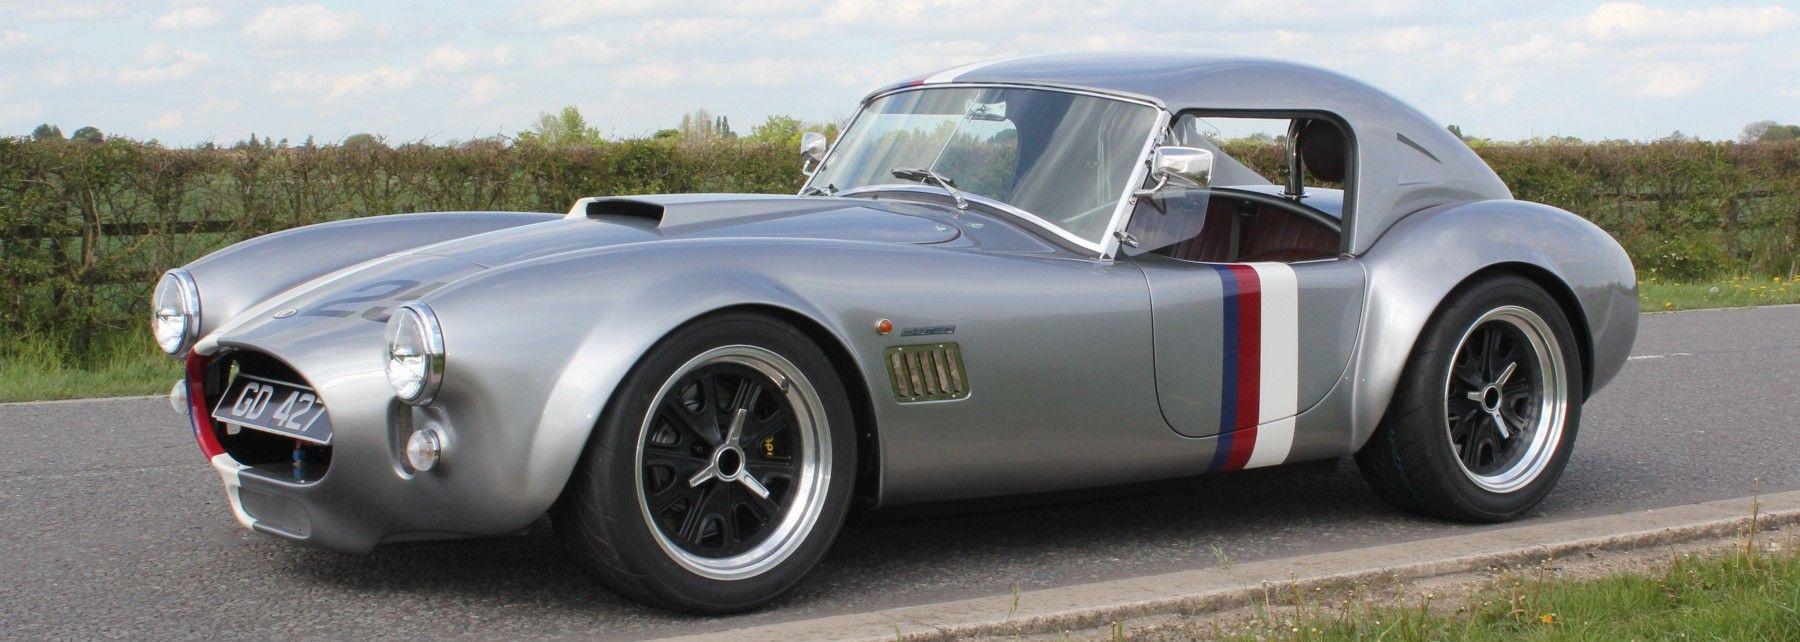 GD MK3 | Gardner Douglas Cars - GD Cars | kit car | Pinterest ...